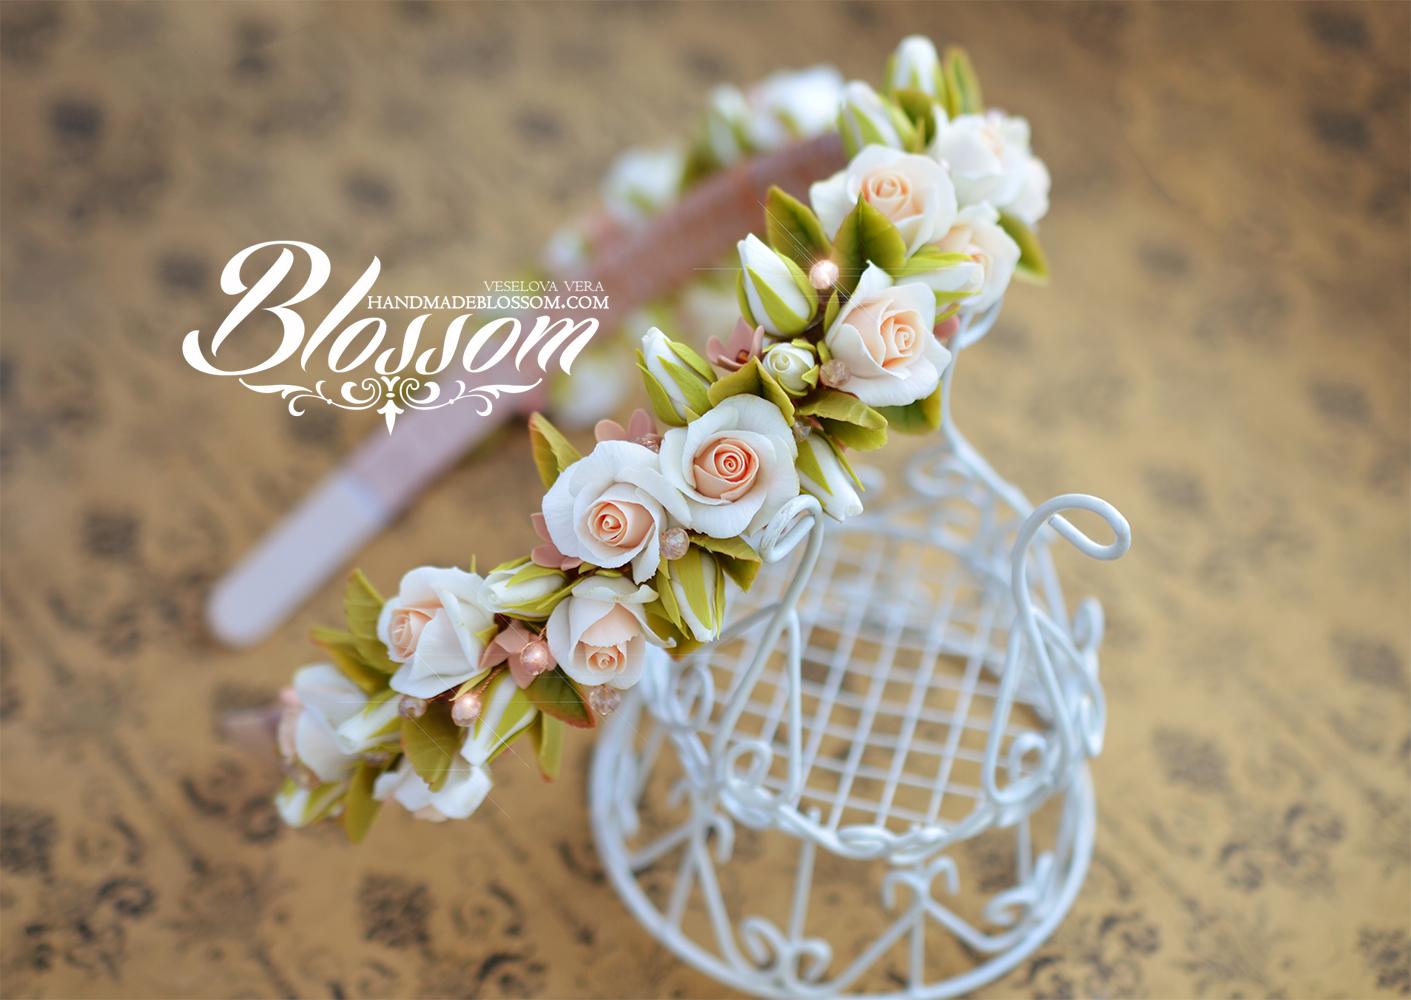 розы, ободок с розами, ободок с белыми розами, винтажный ободок, коралл, свадебный ободок, свадьба, подарок подруге, подарок на свадьбу, бежевый ободок, цветы, ободок с цветами, ободок ручной работы, красивый ободок, wedding, headband, bridal, gift, polymer clay, fimo flowers, roses, handmadeblossom, blossom, vera veselova, вера веселова, ободок, свадьба, белый, бежевый, полимерная глина, фимо